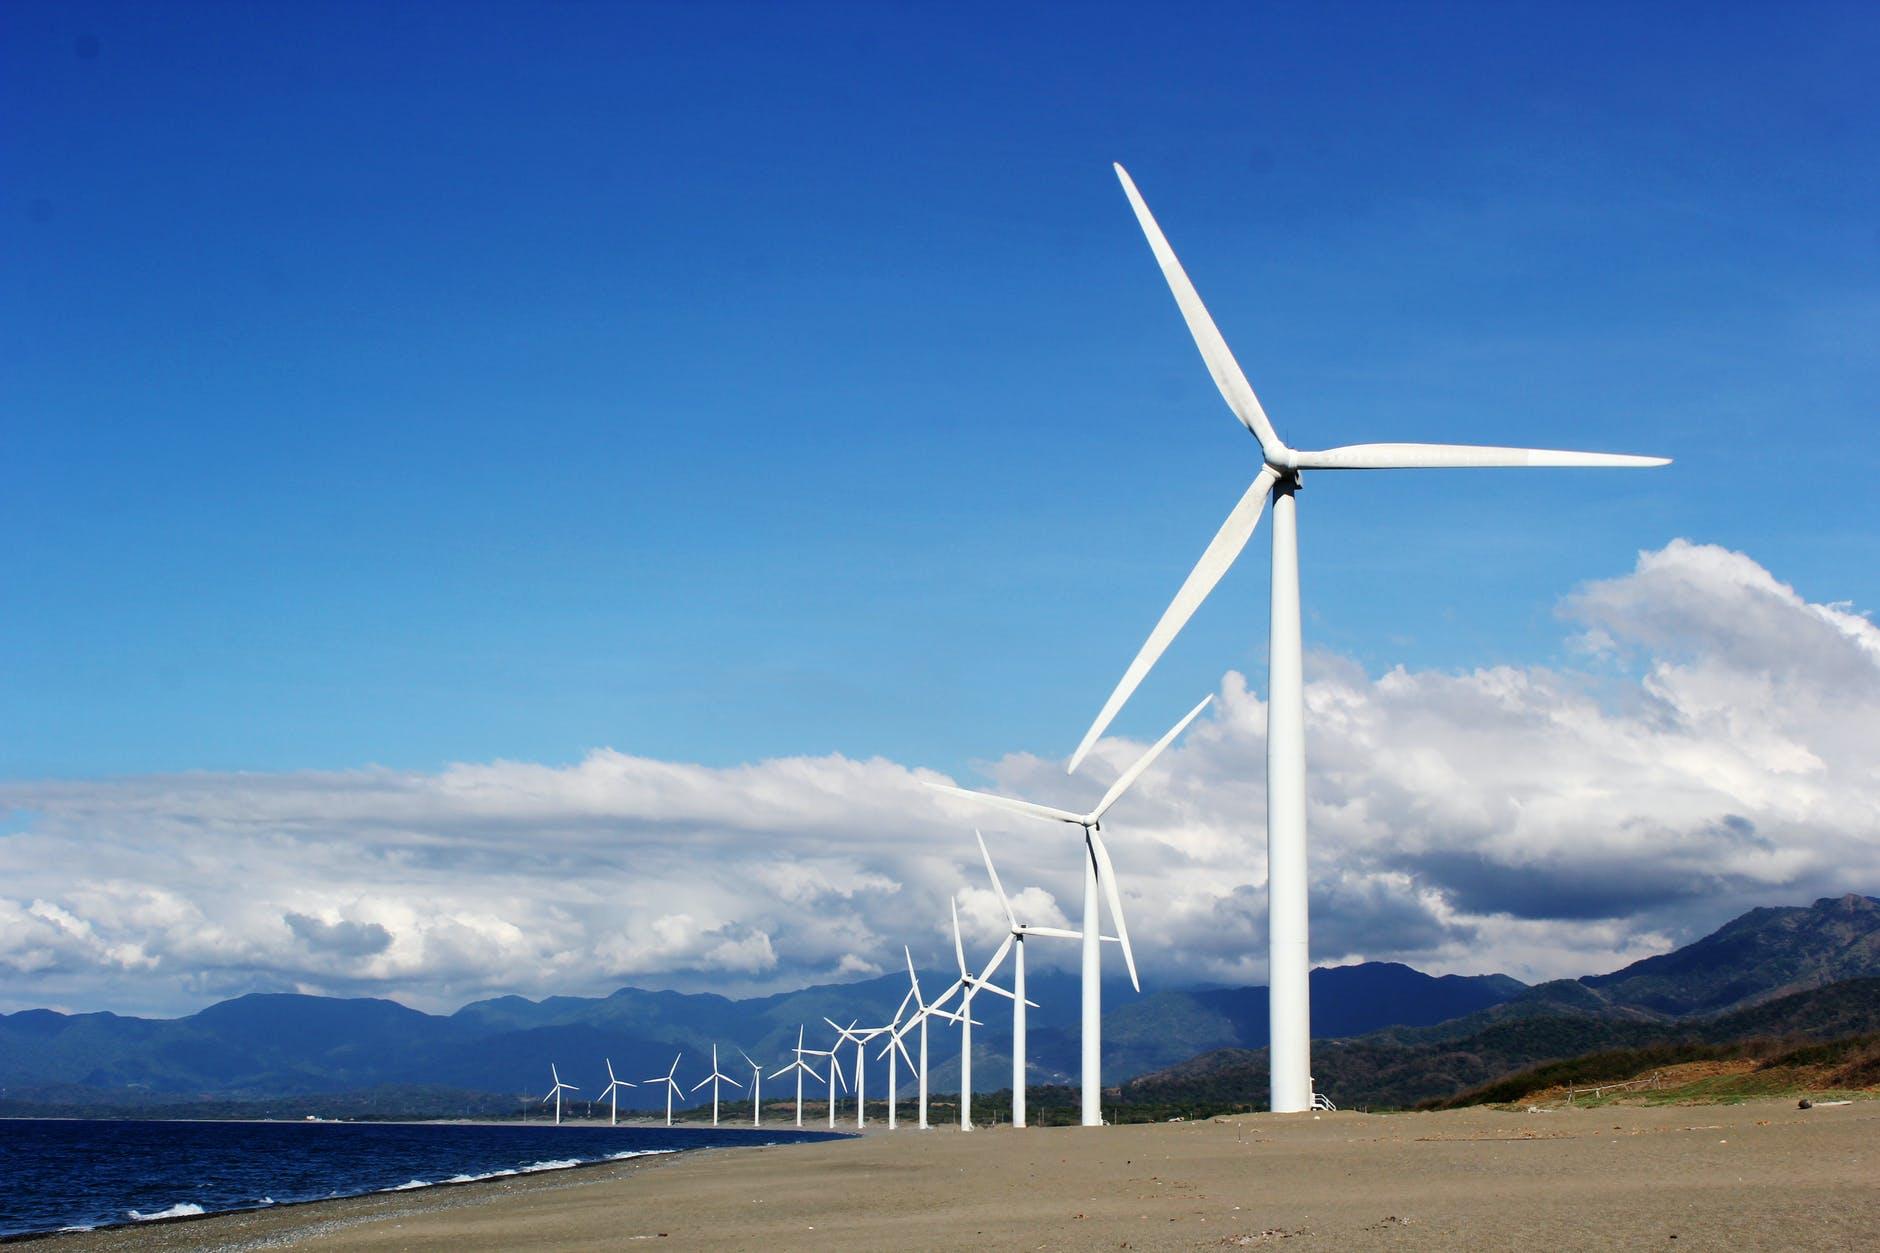 molinos de viento en fila pegados a la costa